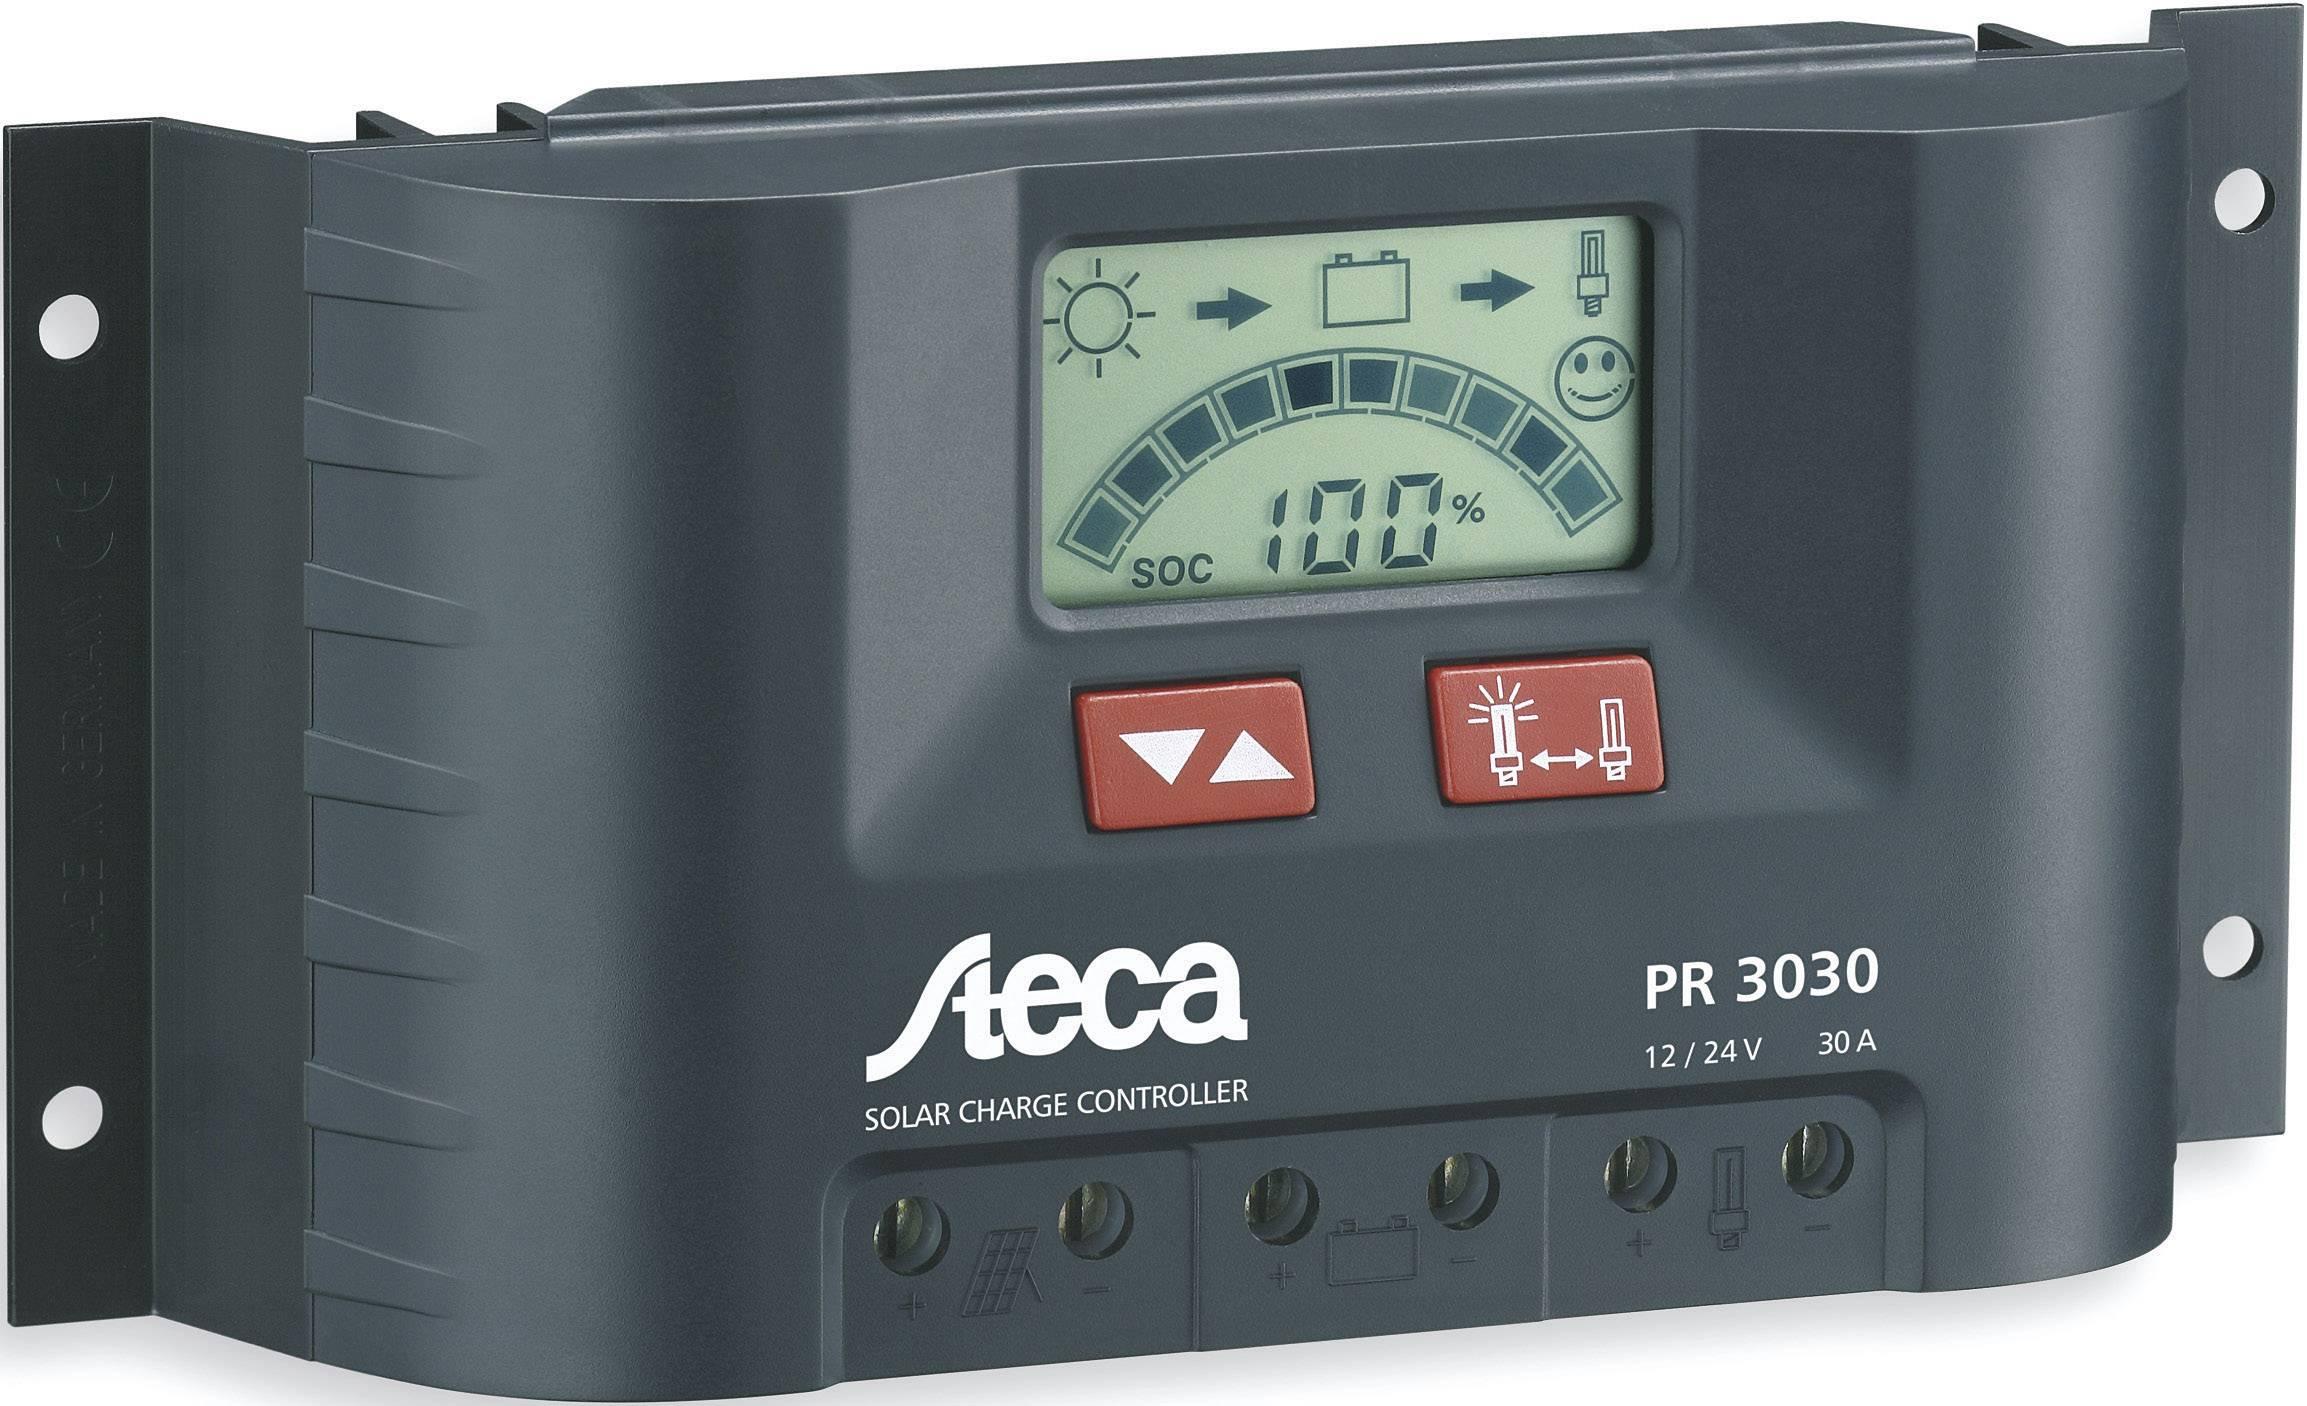 Solárny regulátor nabíjania Steca PR 3030 104517, 30 A, 12 V, 24 V